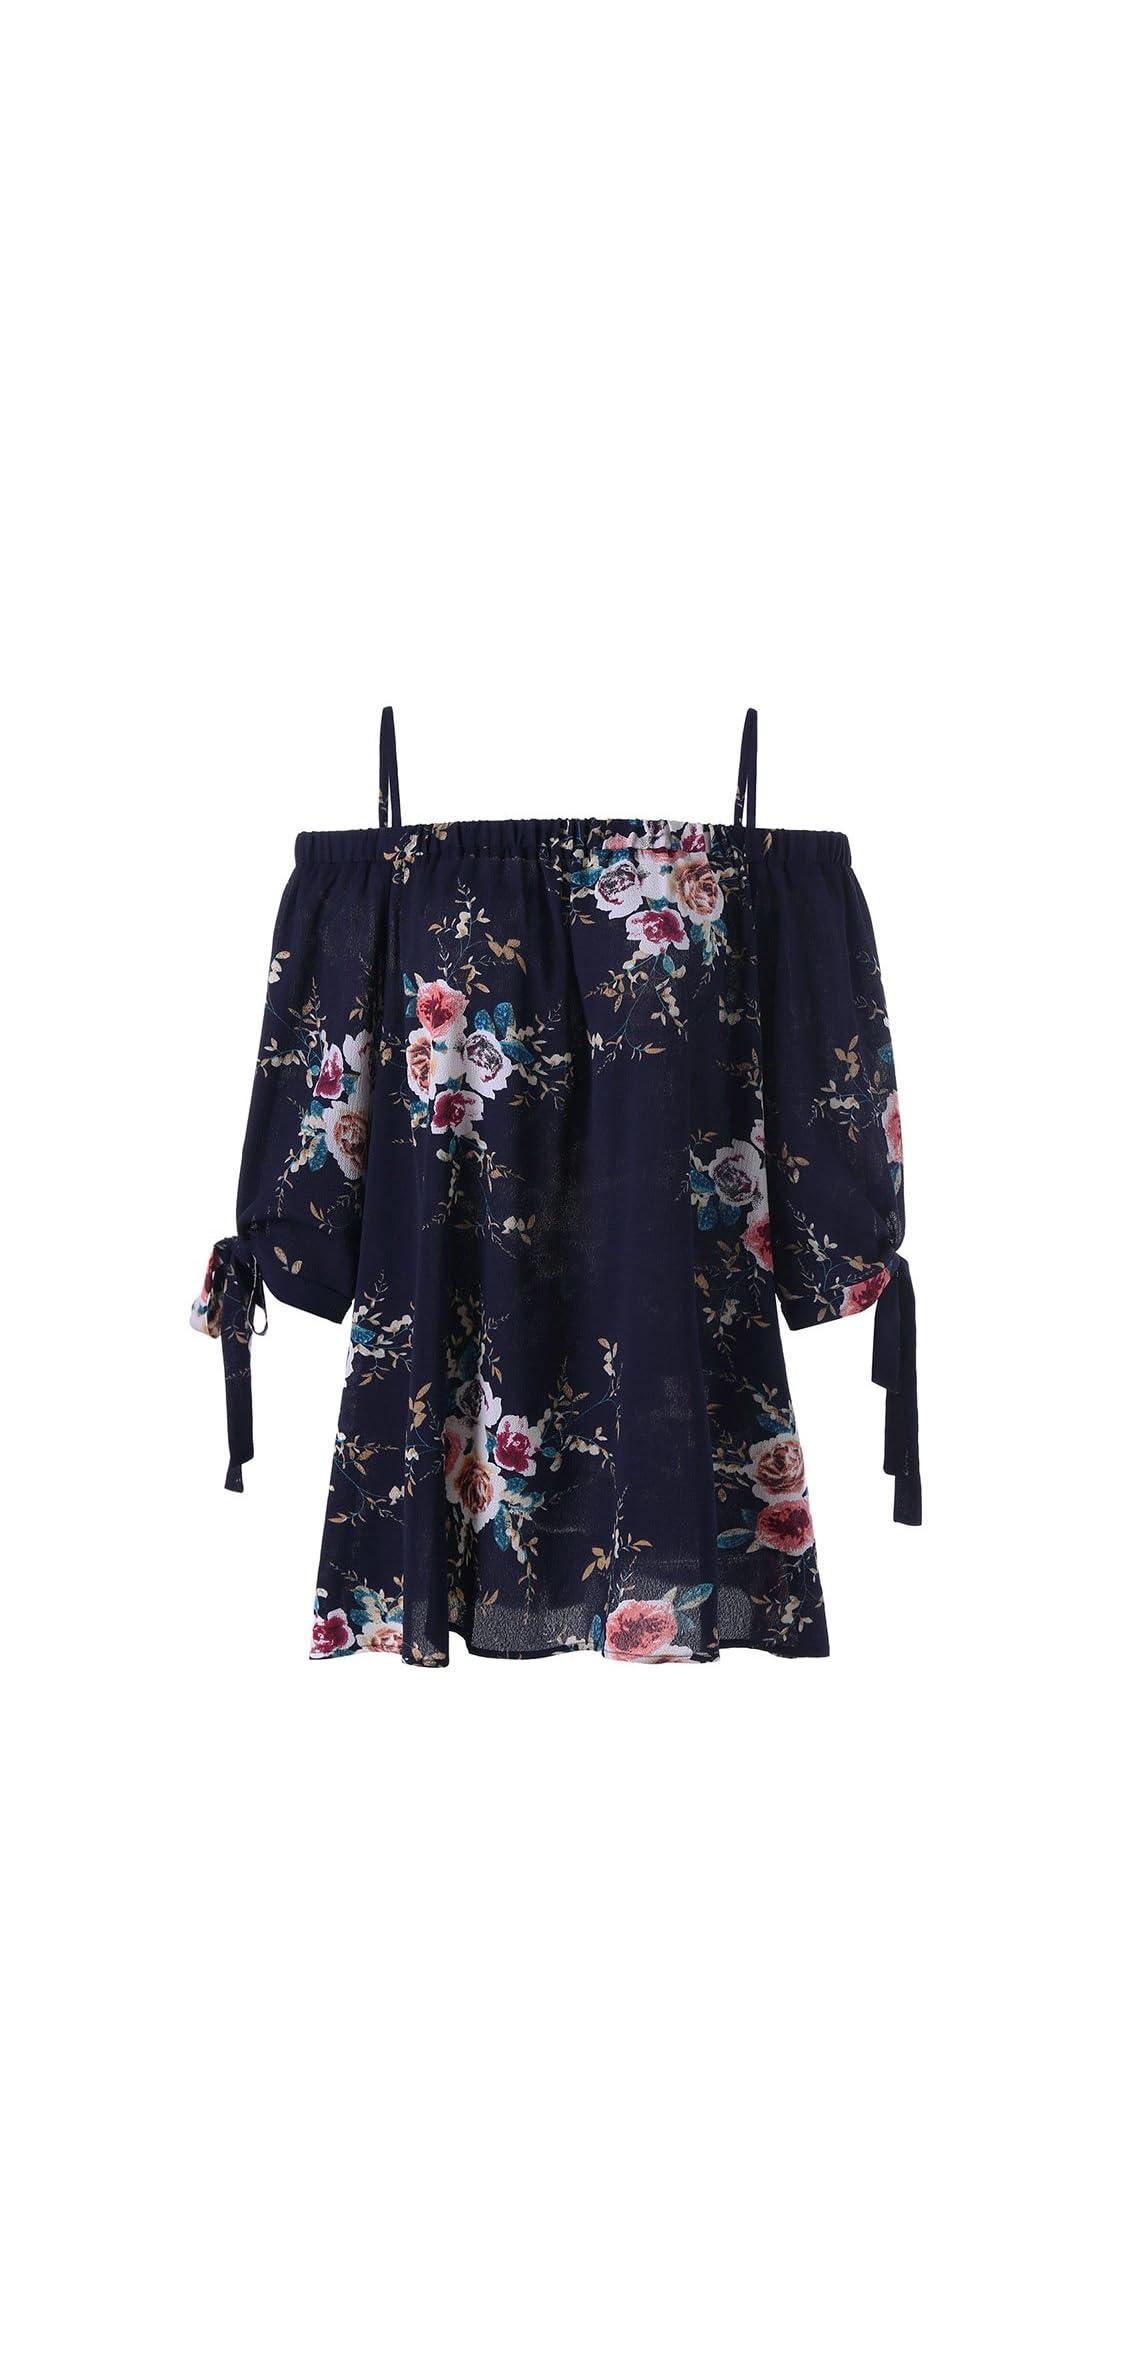 Women Plus Size Floral Classic Straps Cold Shoulder Sleeve